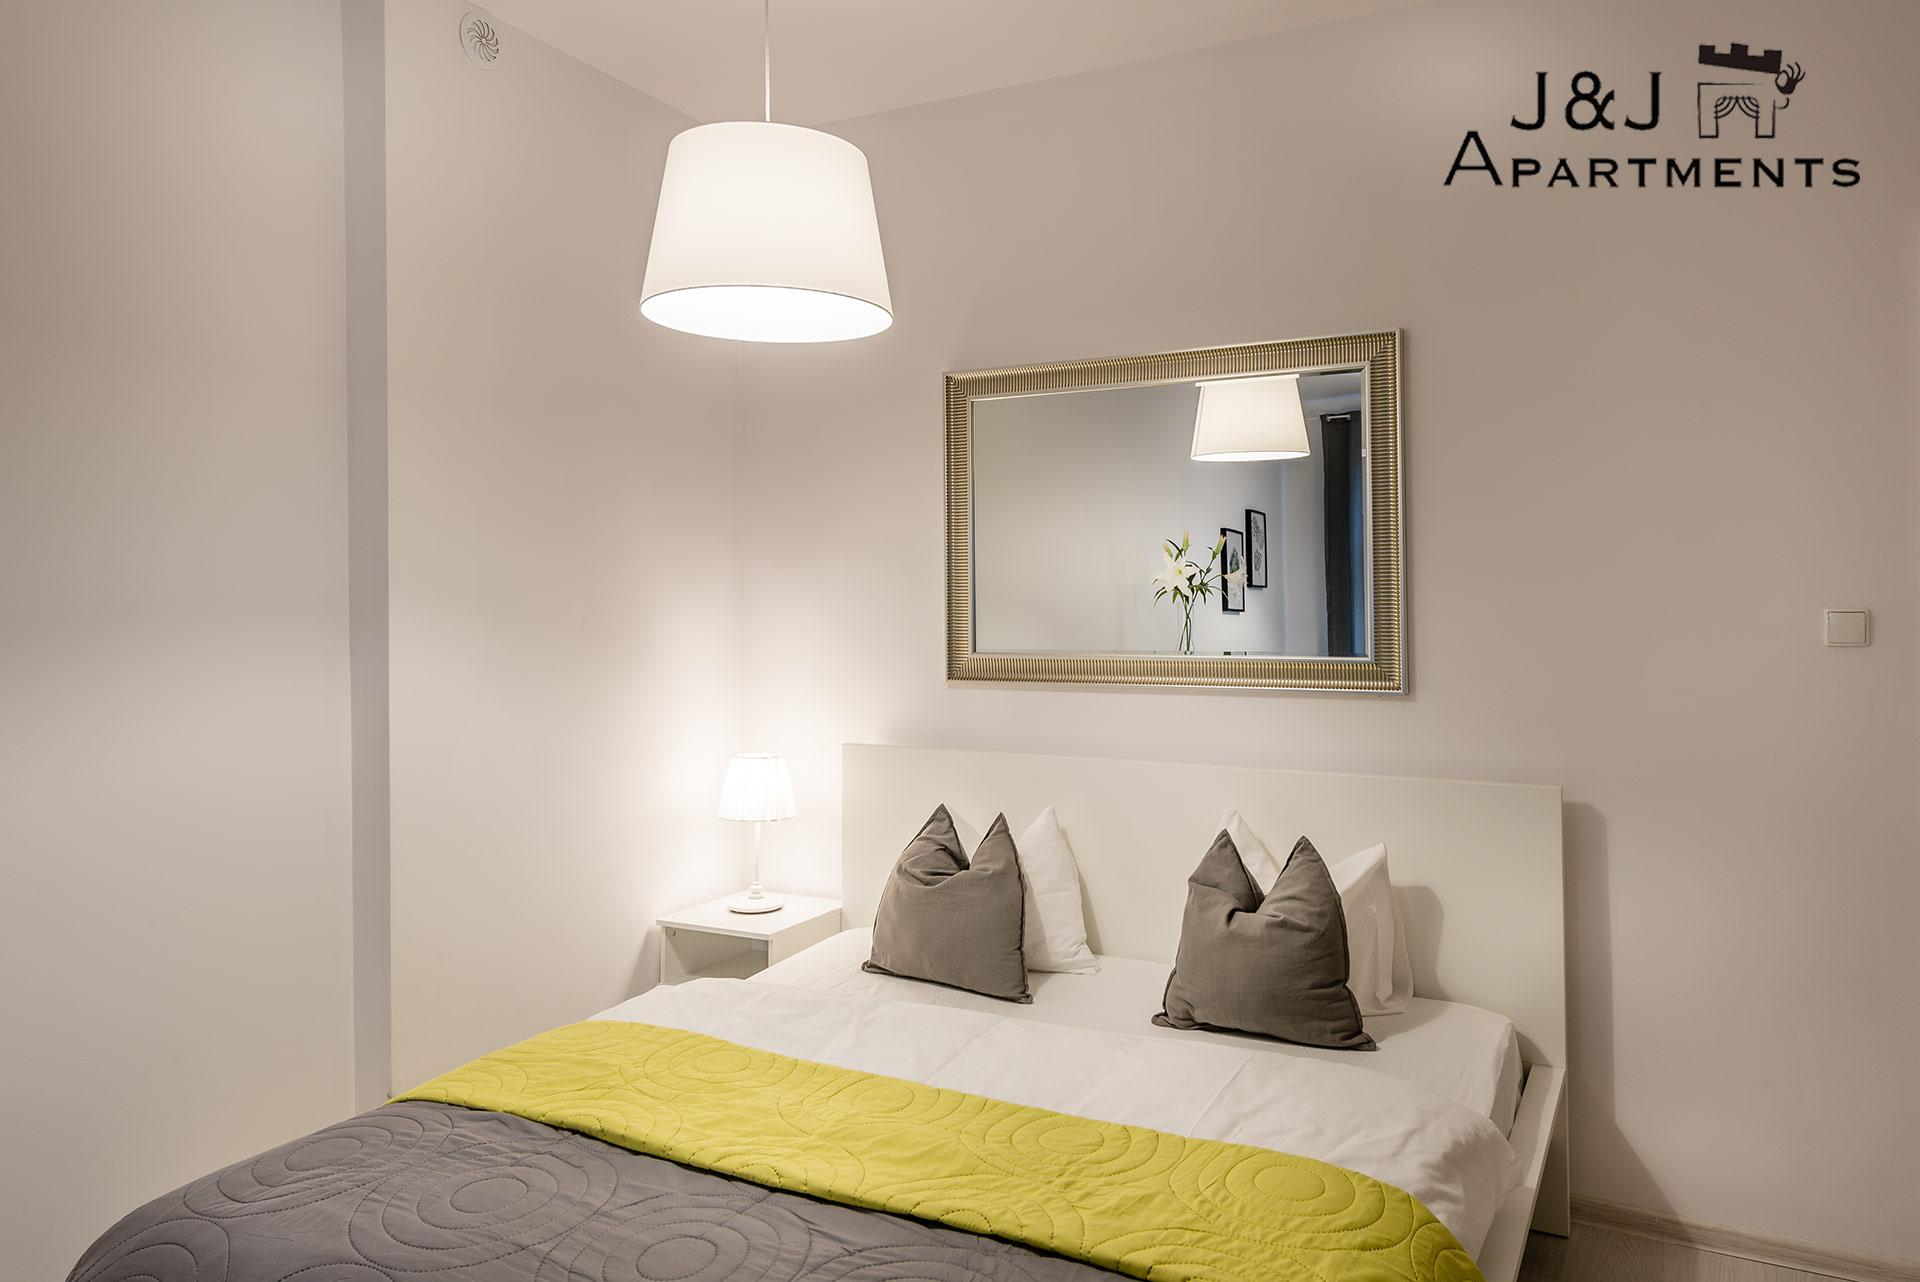 Szeroka 25 Apartament 5B